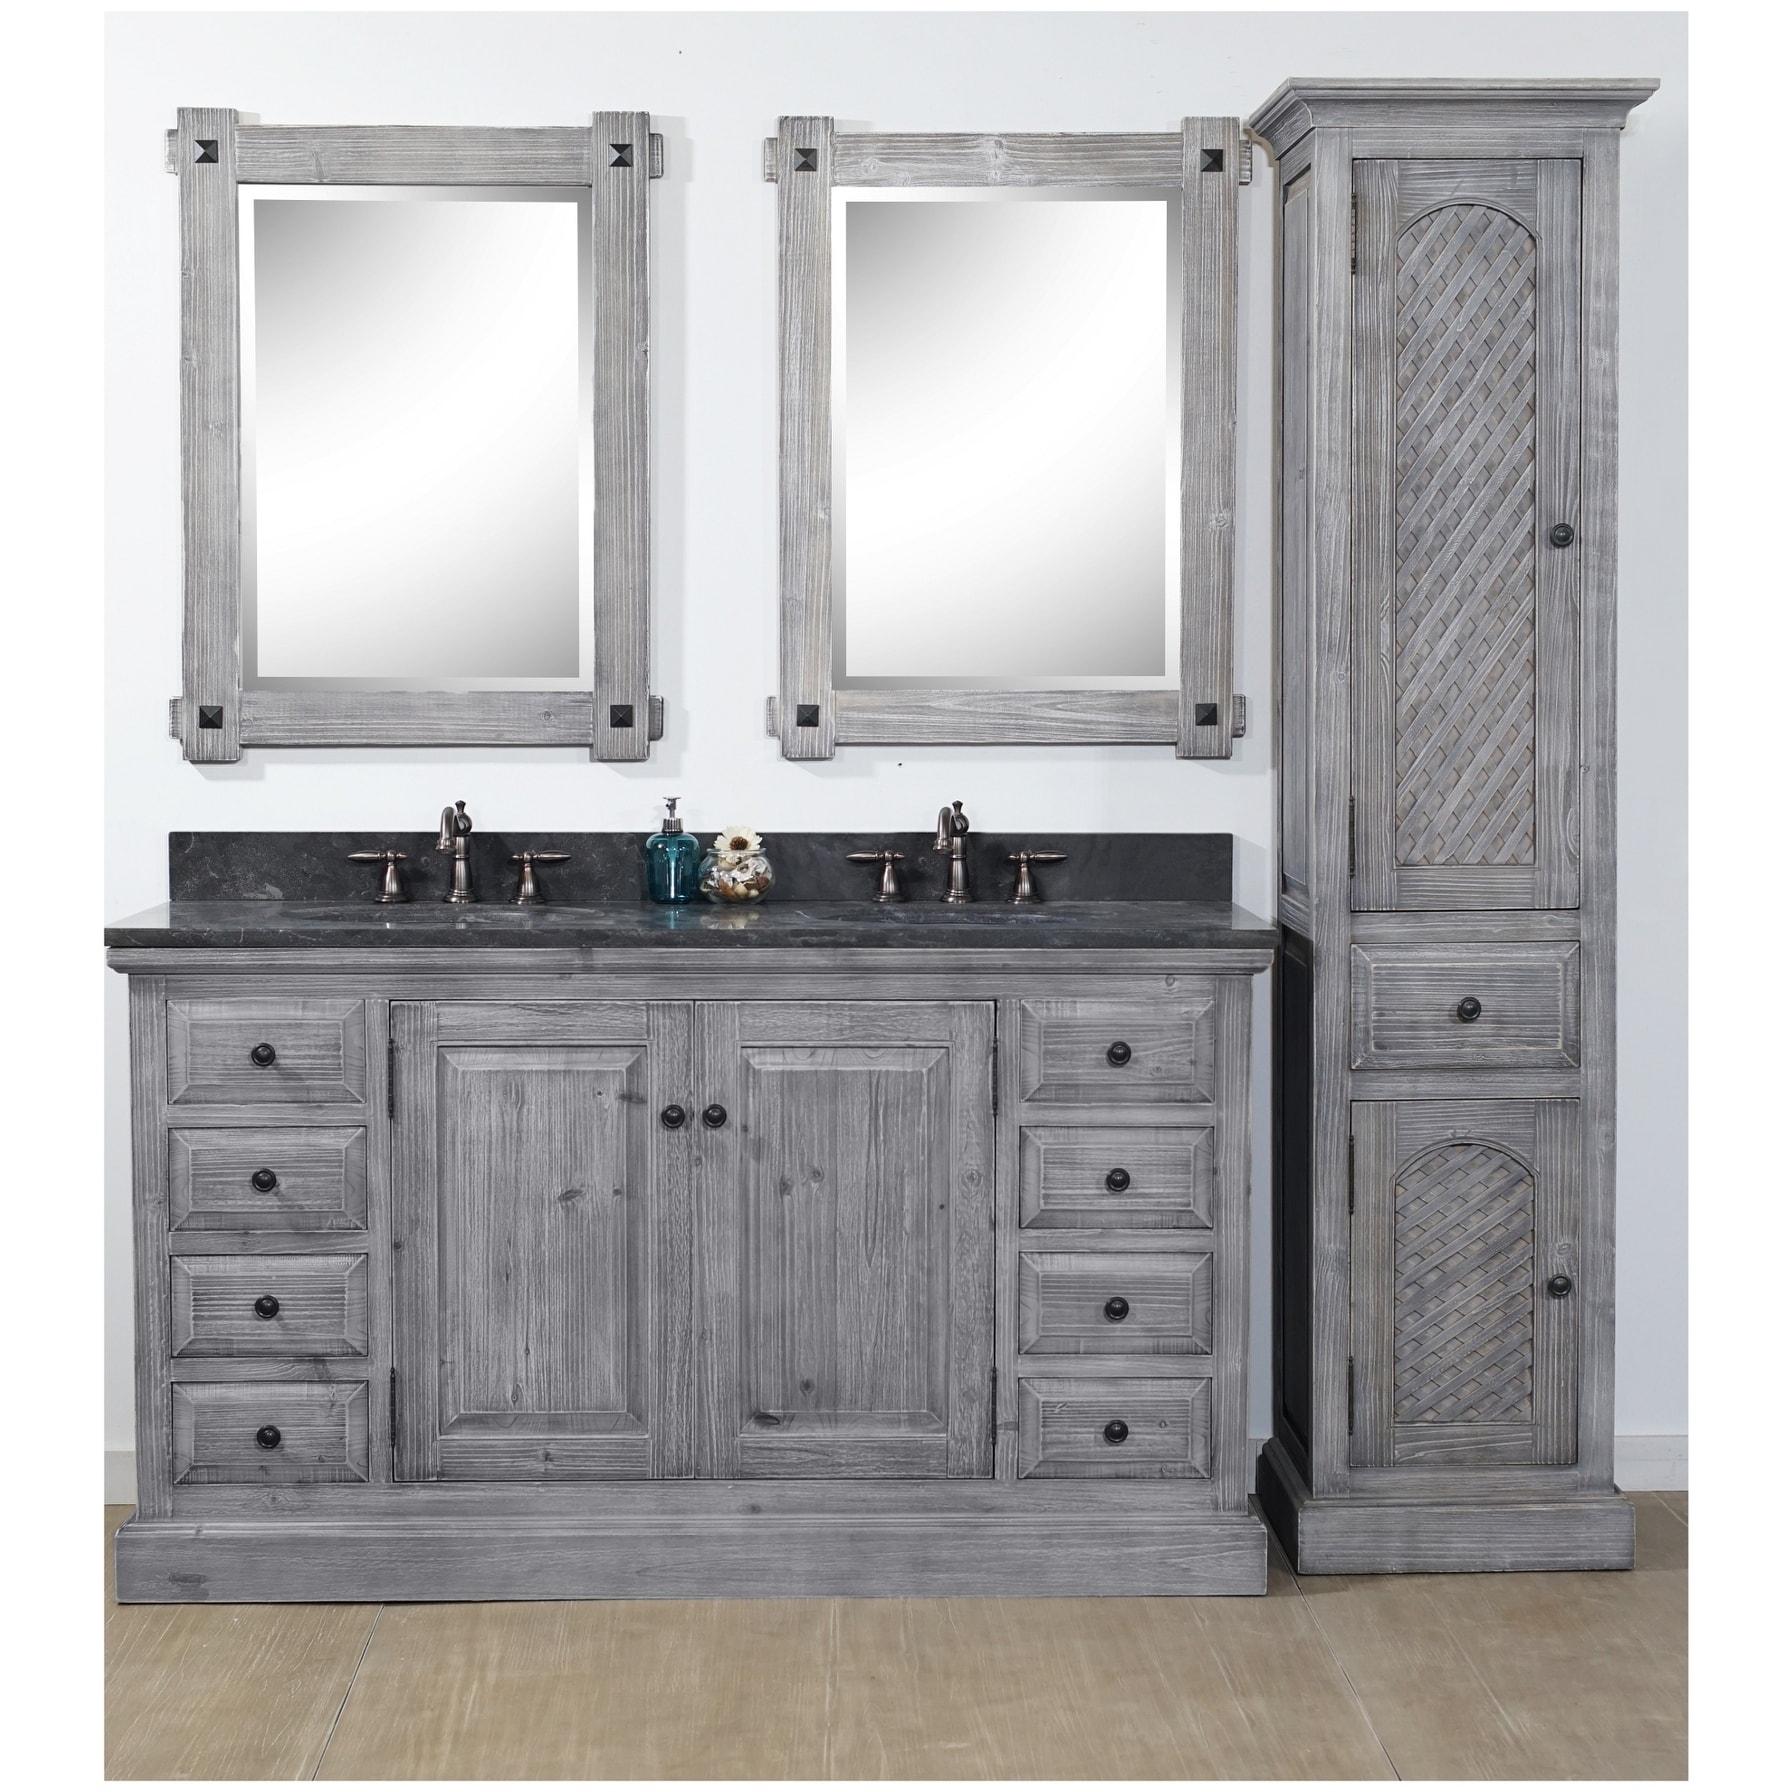 Rustic Style 61 Inch Bathroom Vanity